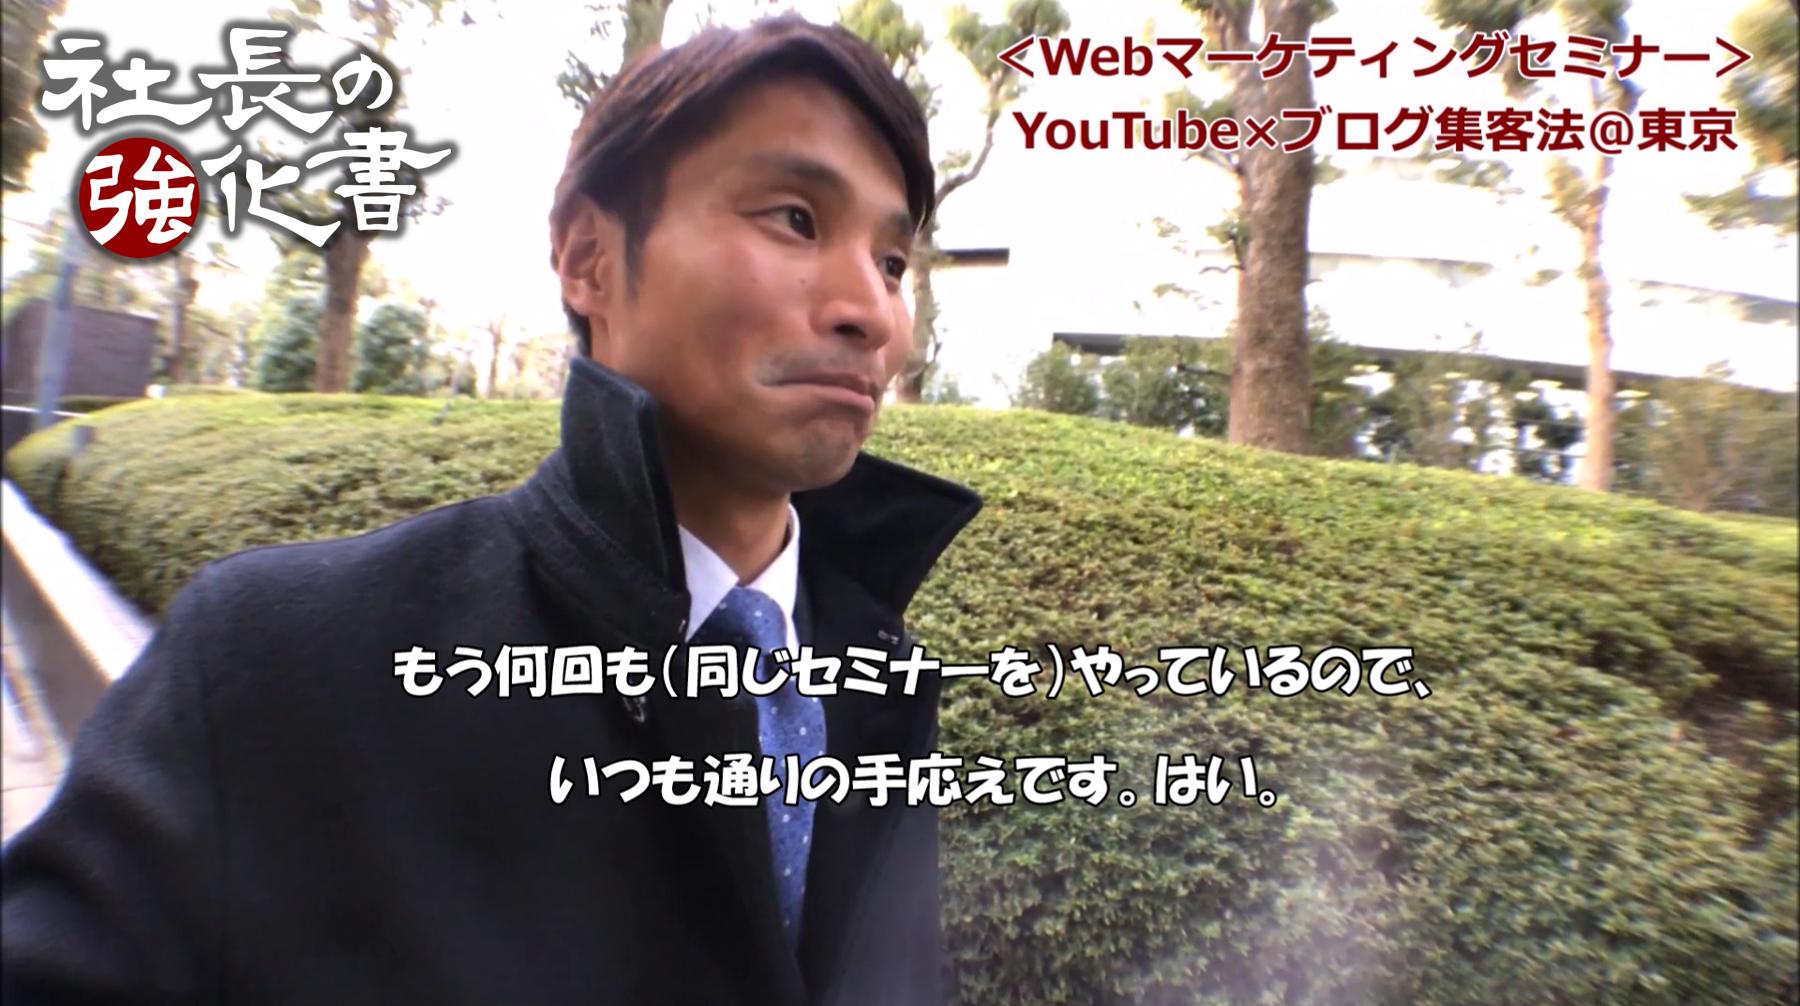 中小企業向けWebマーケティングセミナー@東京【YouTube×ブログ集客法】